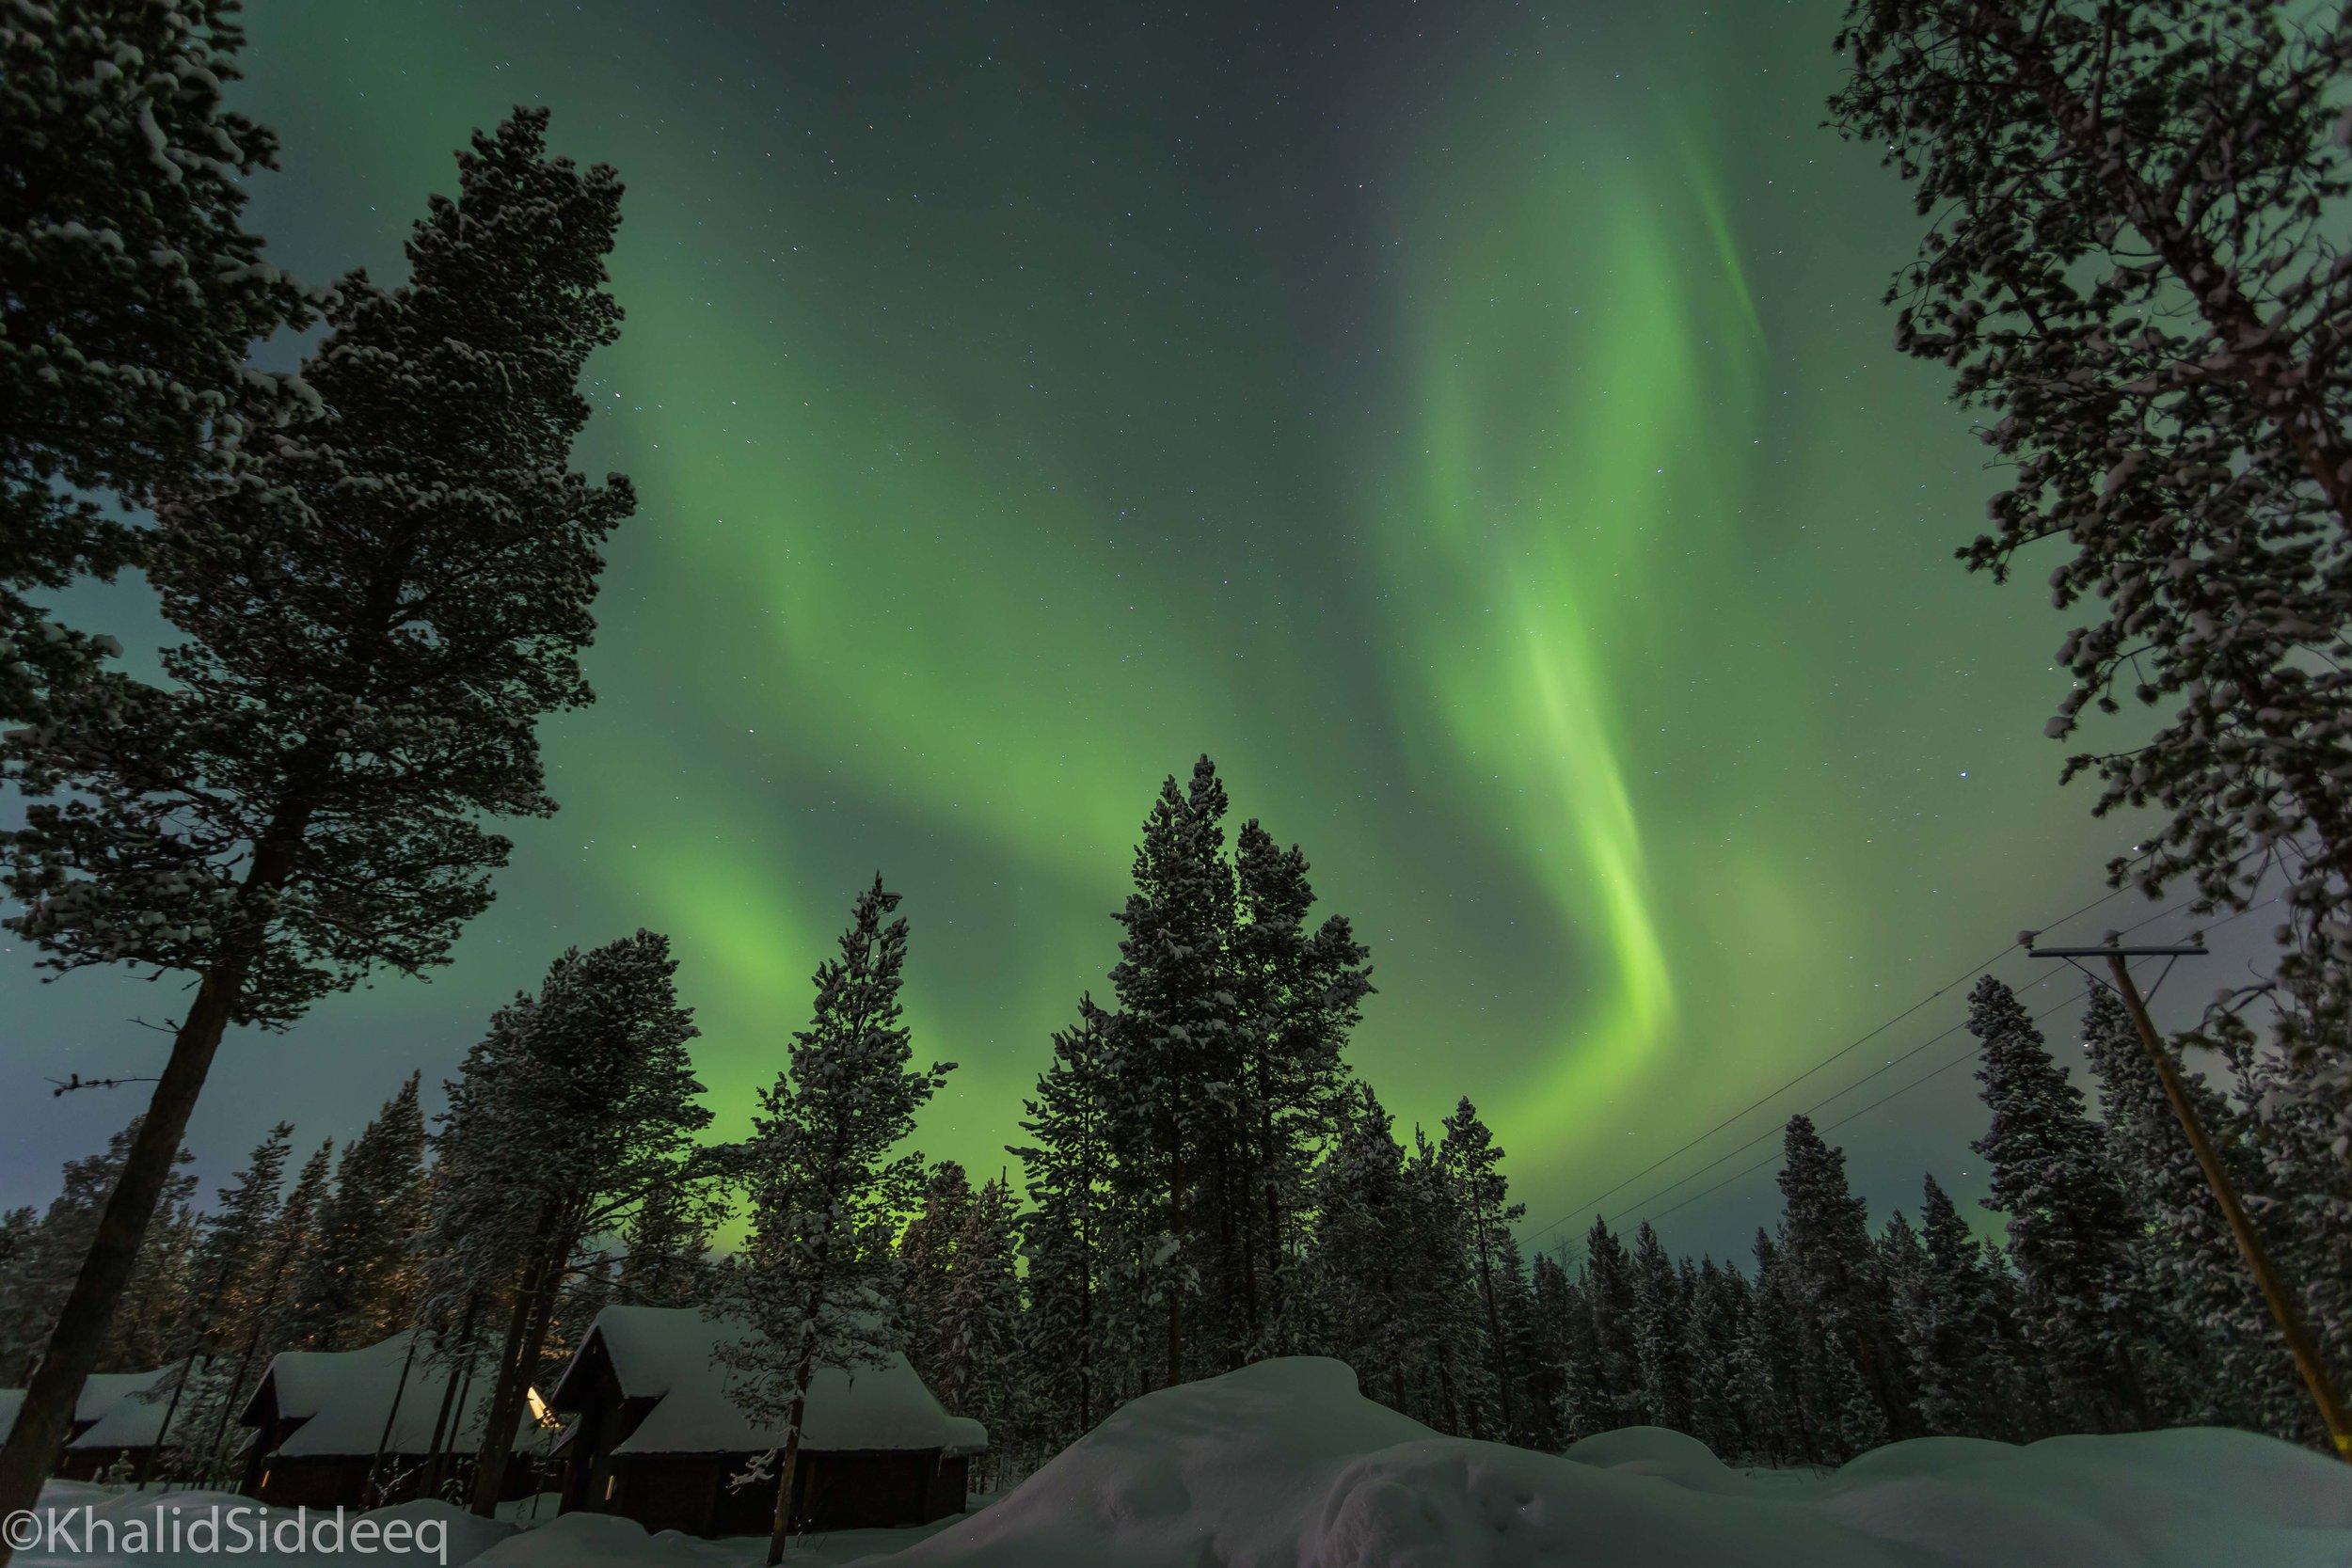 الشفق القطبي، فنلندا